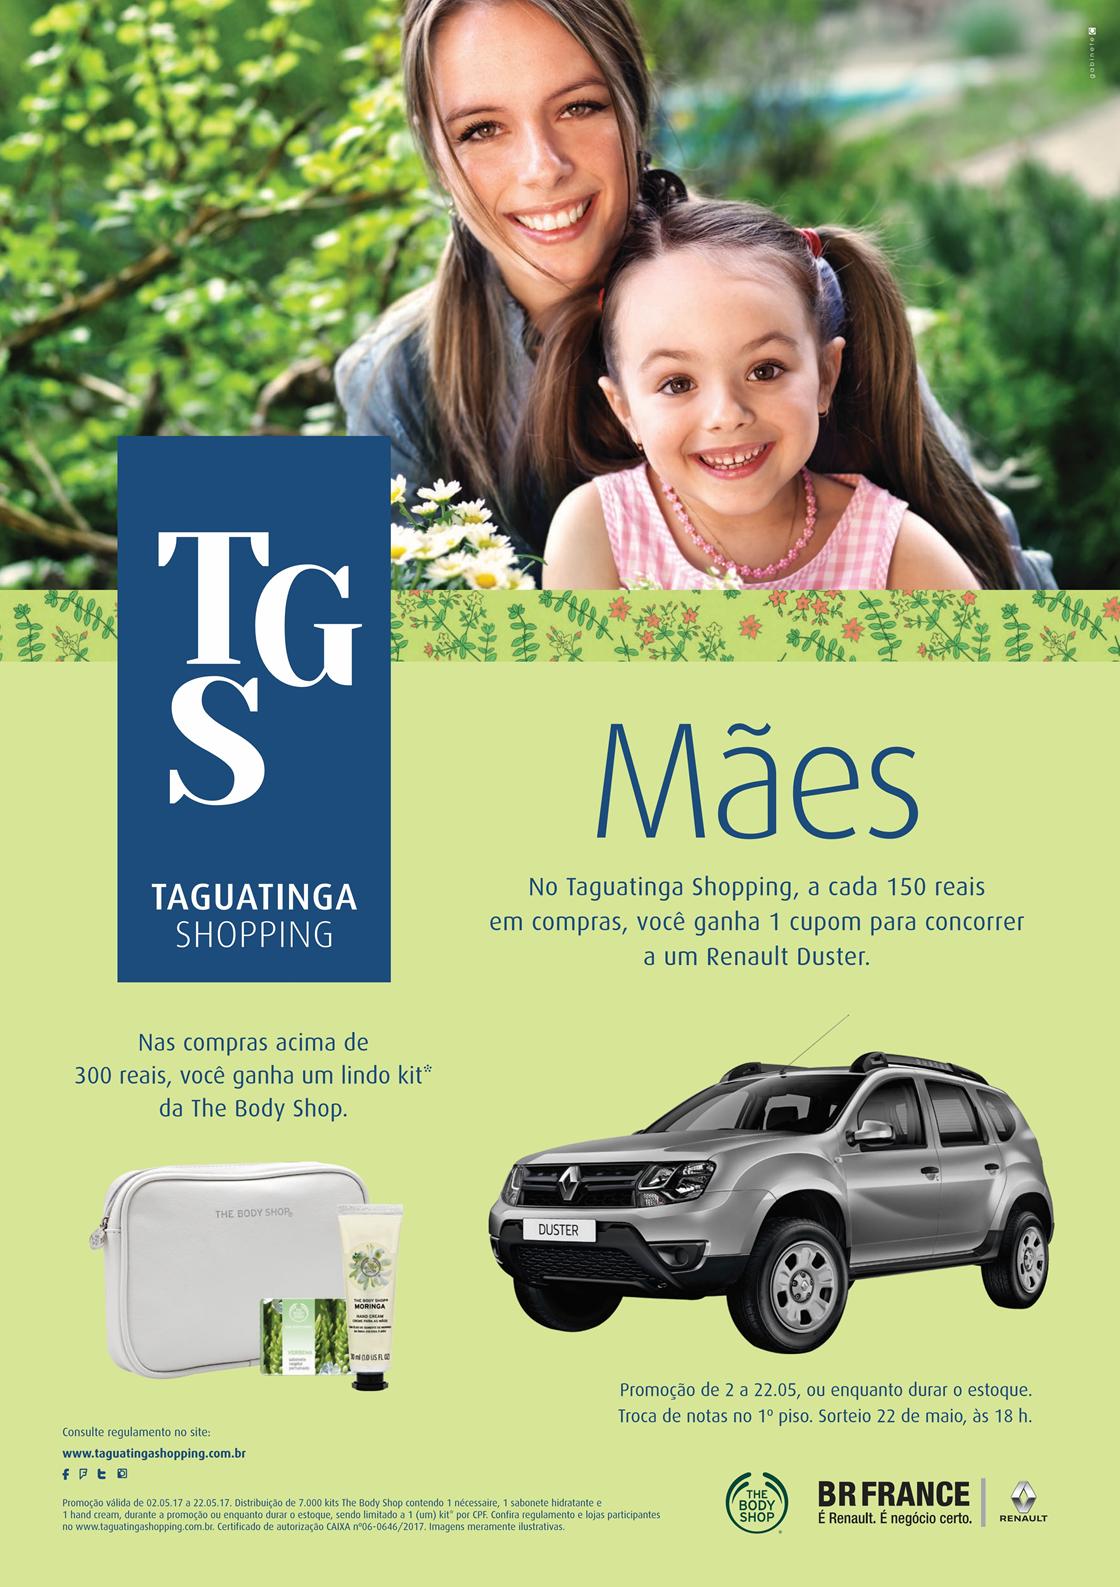 Taguatinga Shopping celebra Dia das Mães com cheirinhos especiais e sorteio de um Renault Duster